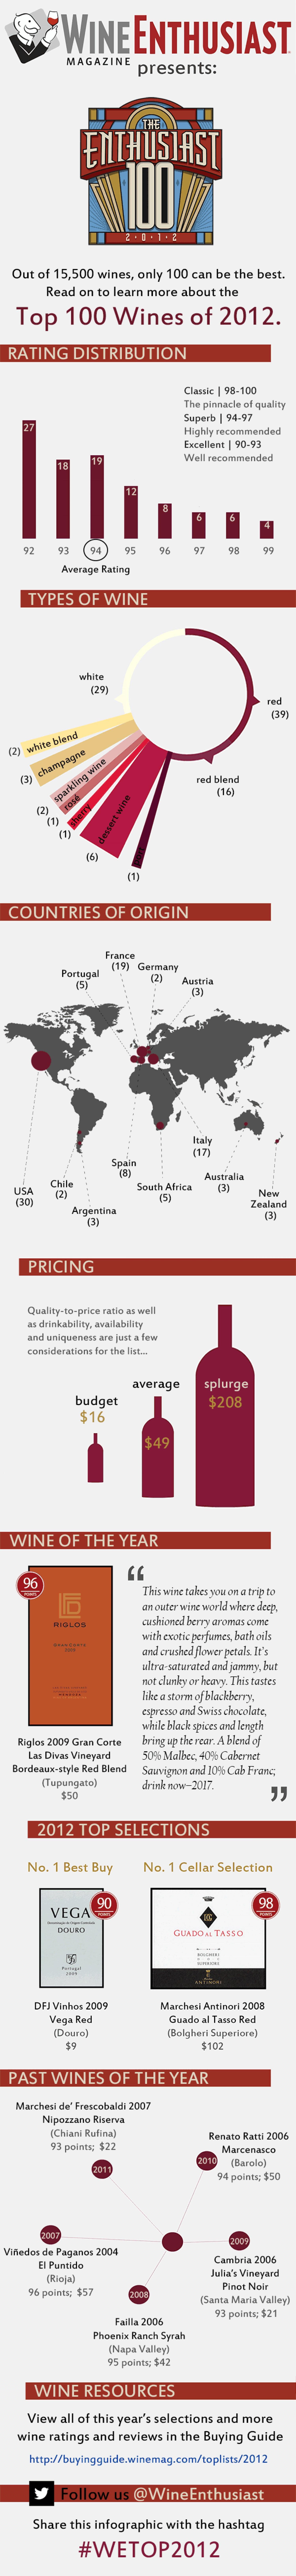 20. Top Wines of 2012